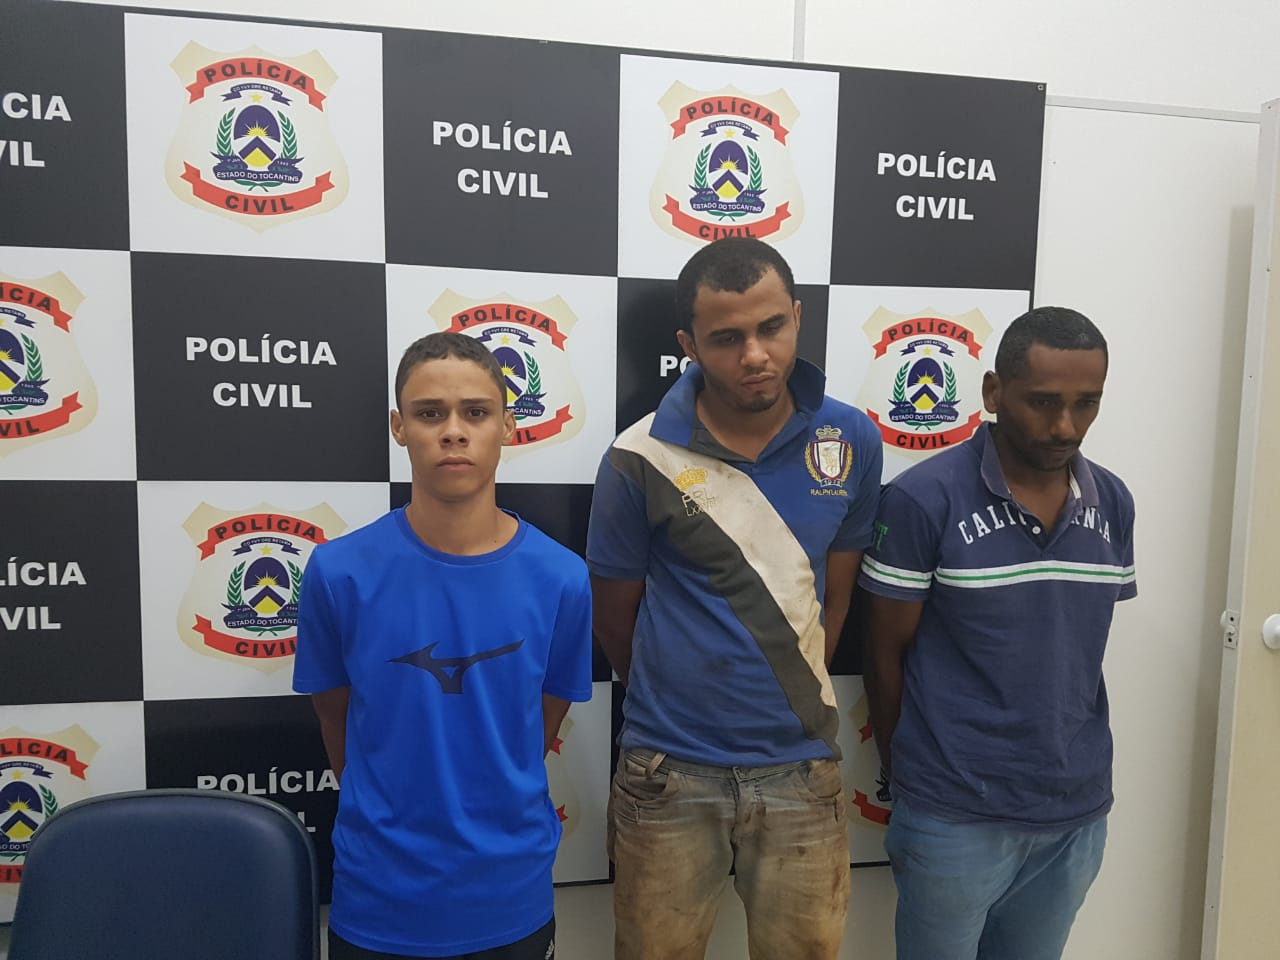 Em menos de 24 horas, Polícia Civil prende suspeitos de explosão de caixa eletrônico em Abreulândia